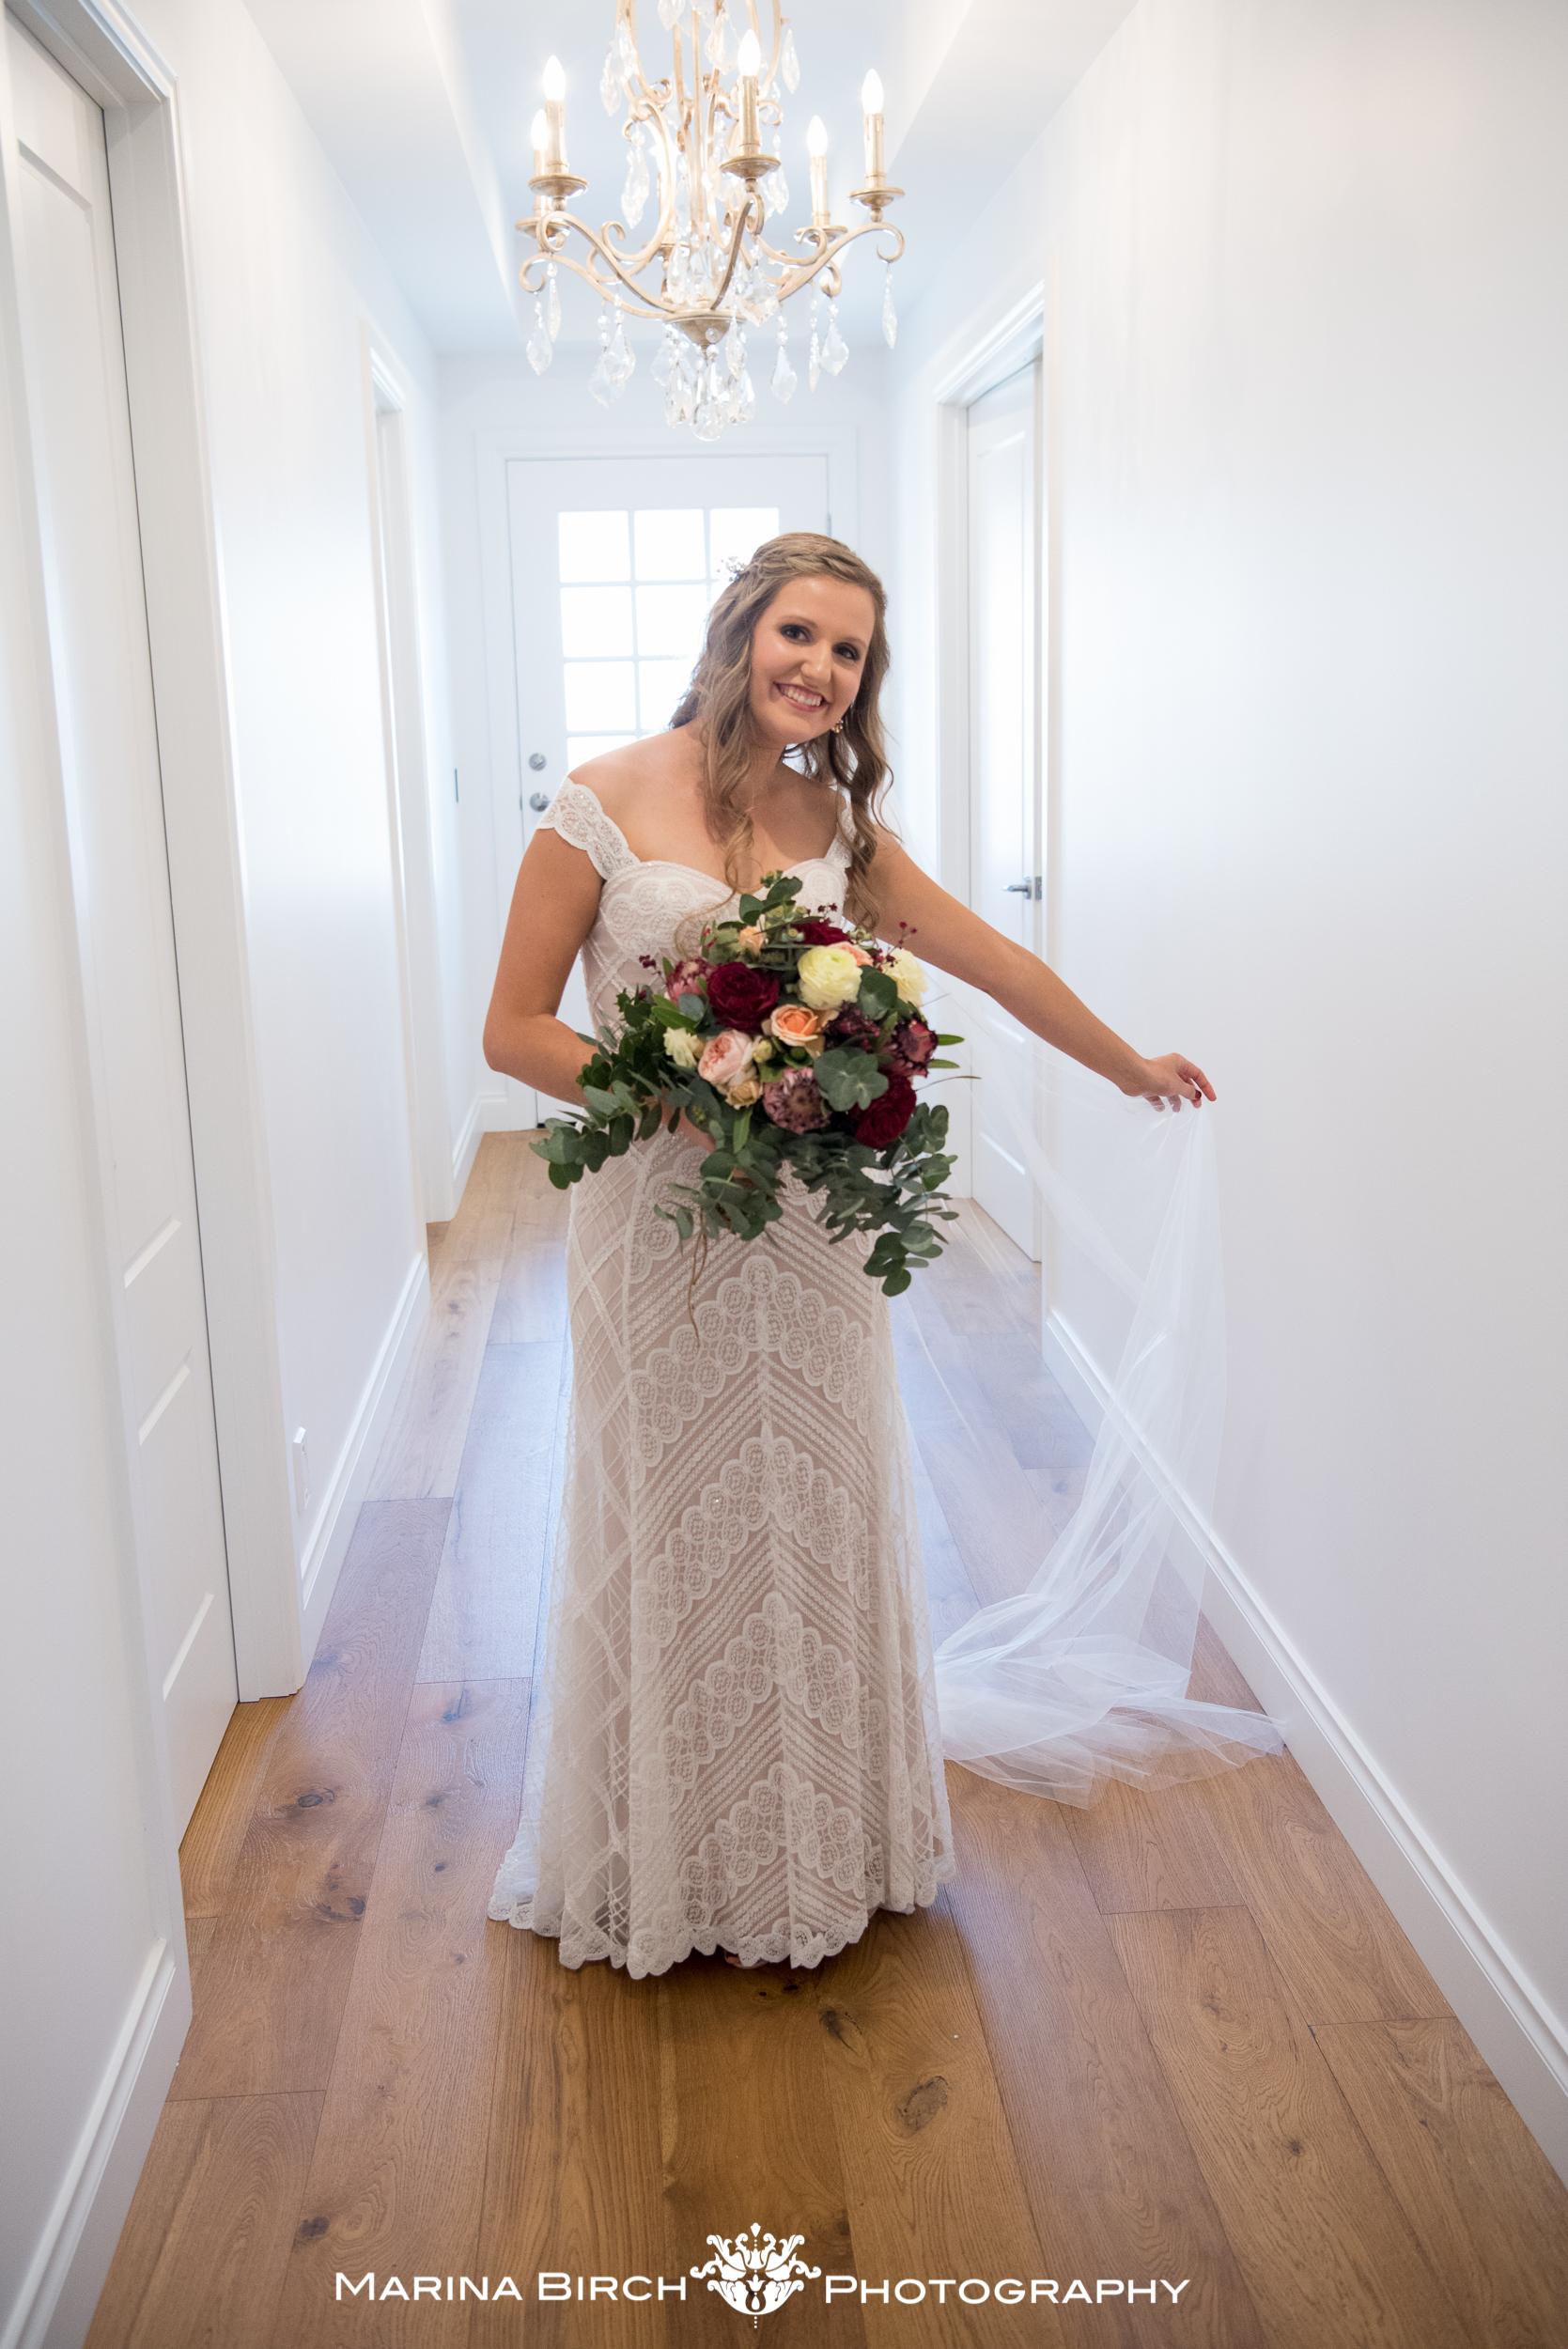 MBP.wedding -7.jpg